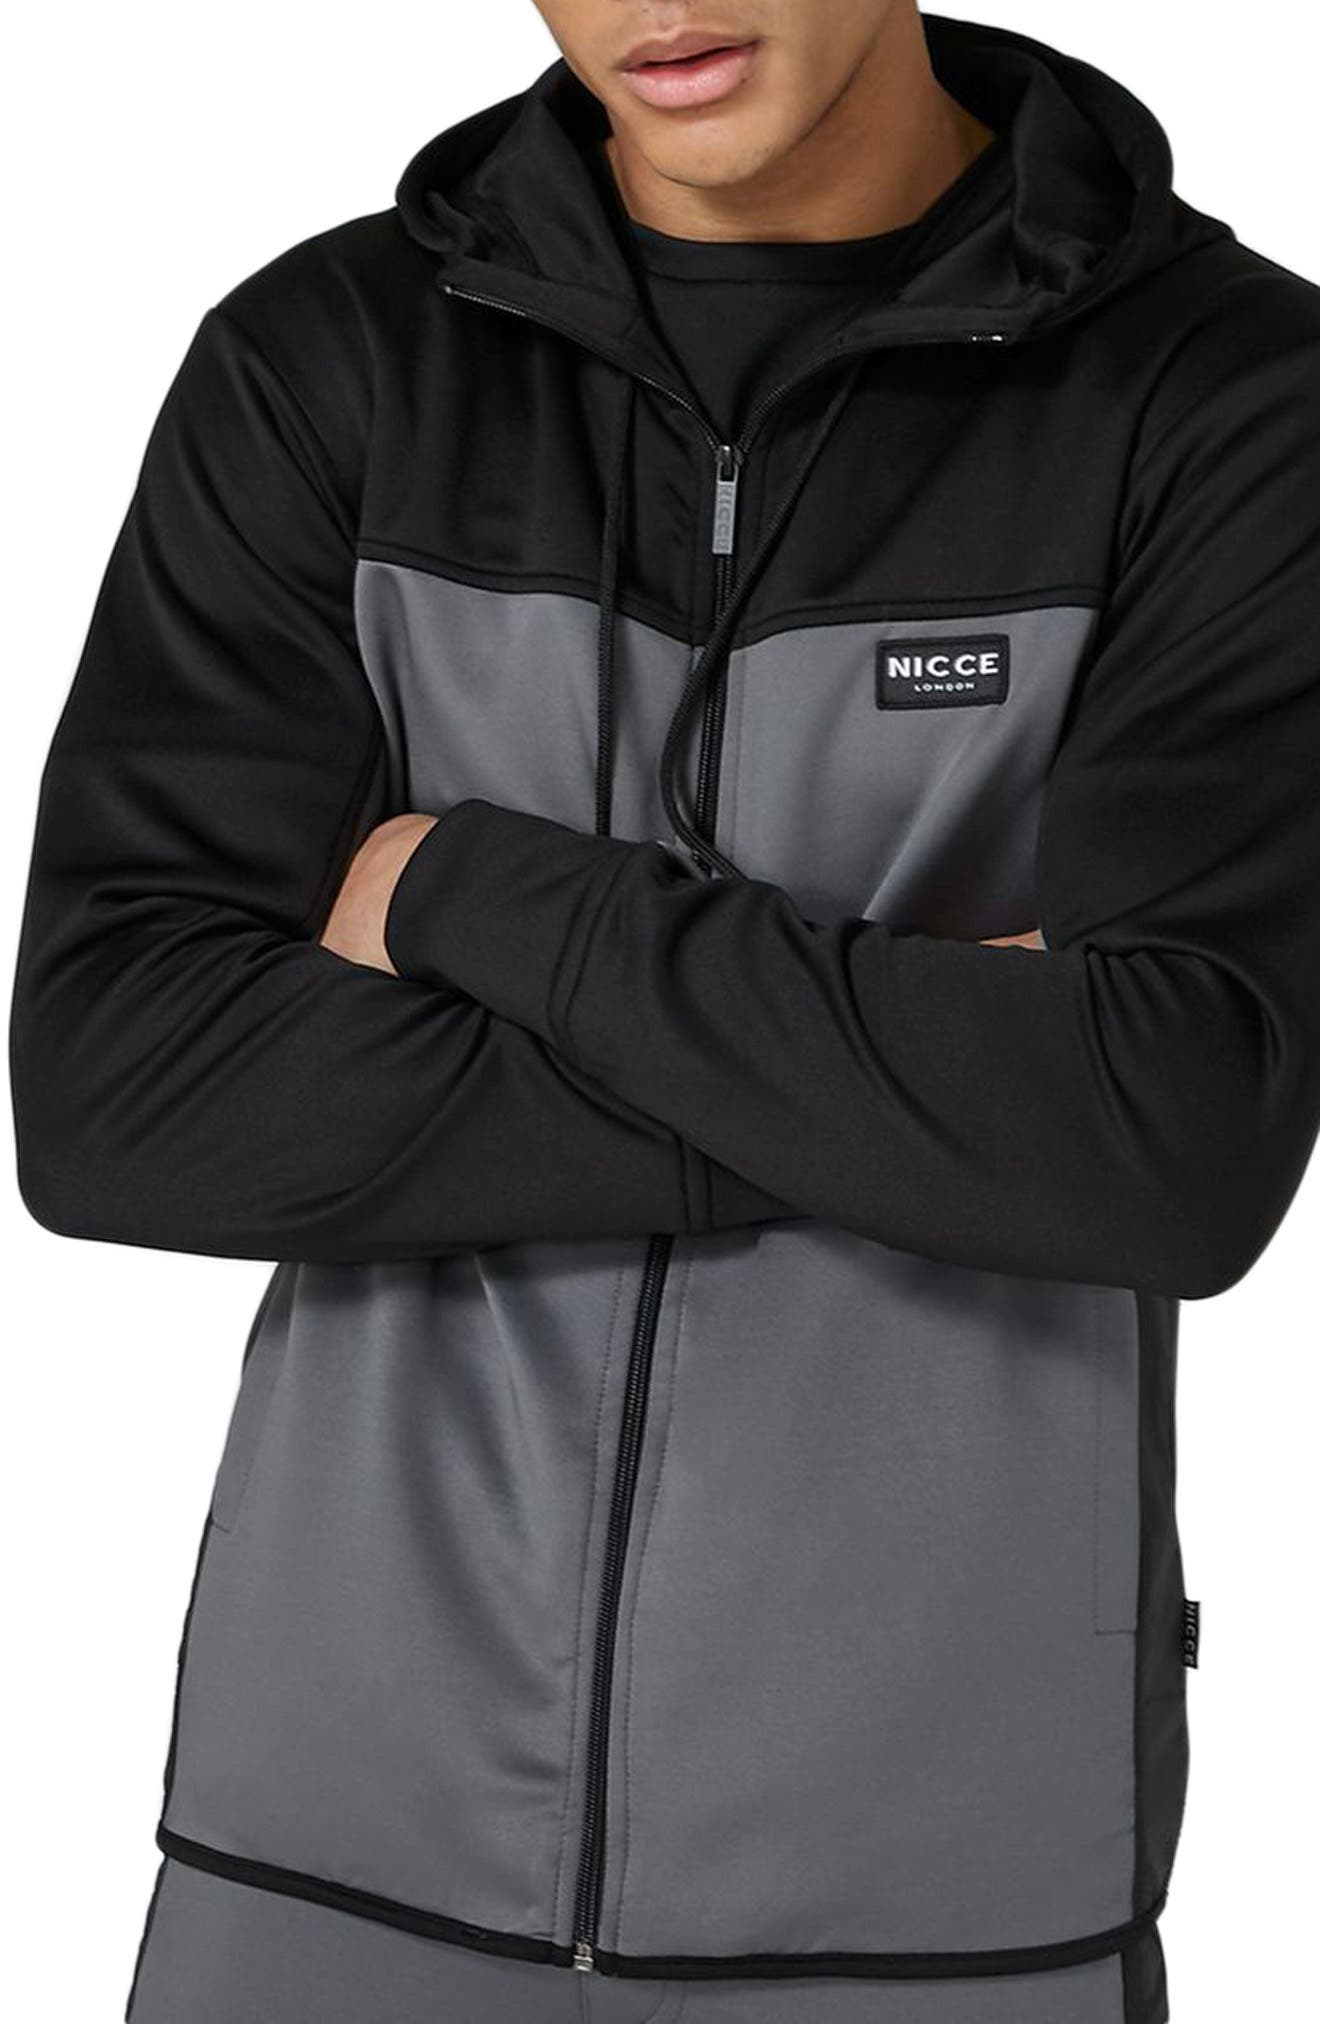 Alternate Image 1 Selected - Topshop NICCE Hybrid Track Jacket